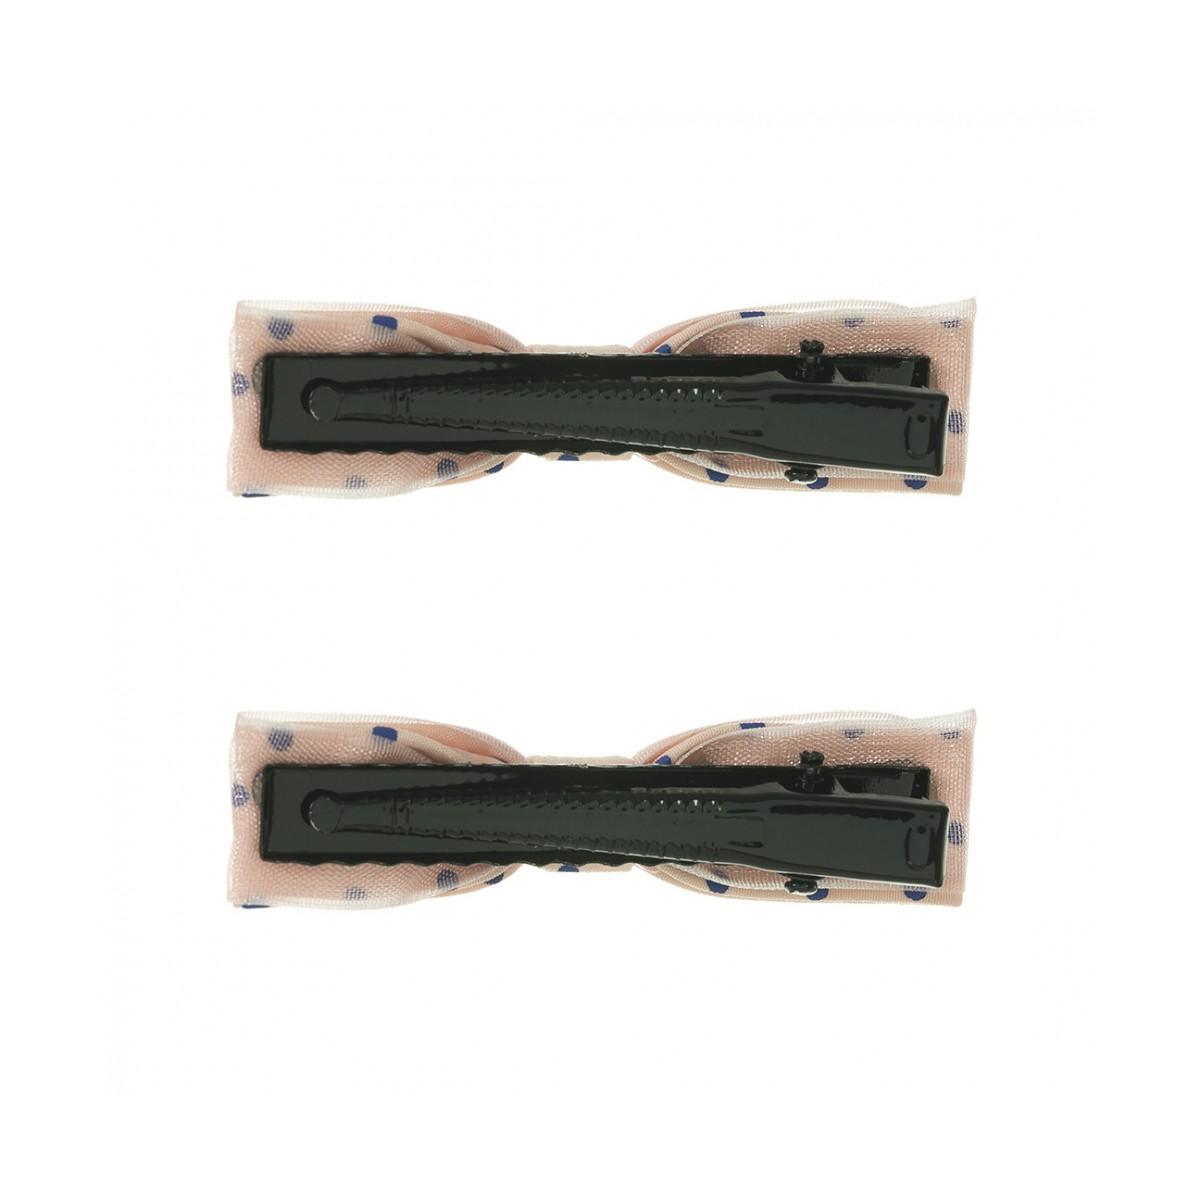 Spinka do włosów 130276-8 (2szt)